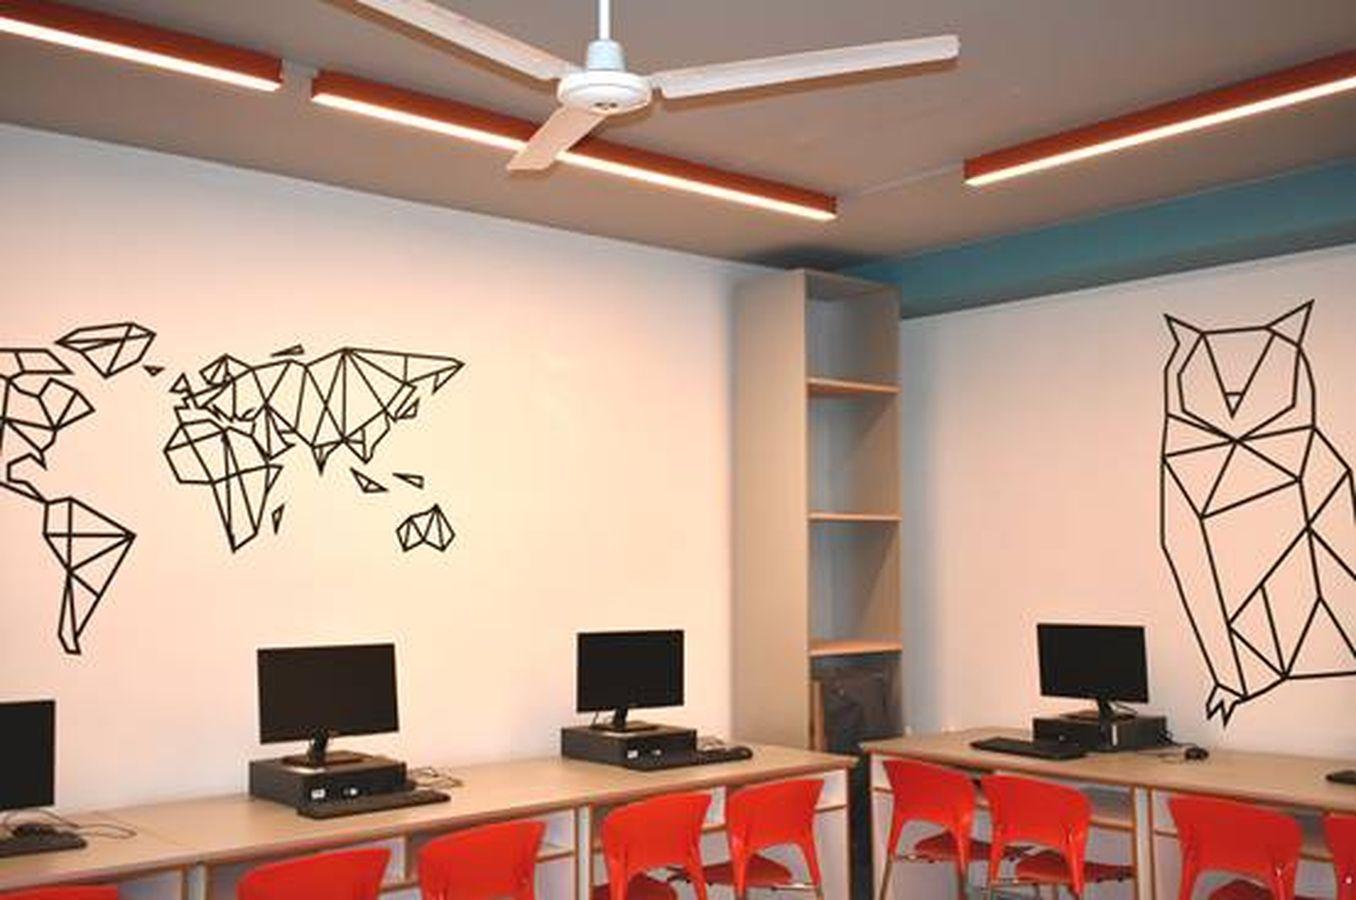 Μια αιθουσα Η/Υ σε δημοτικο σχολειο στη Θεσσαλονικη αναβαθμιζεται